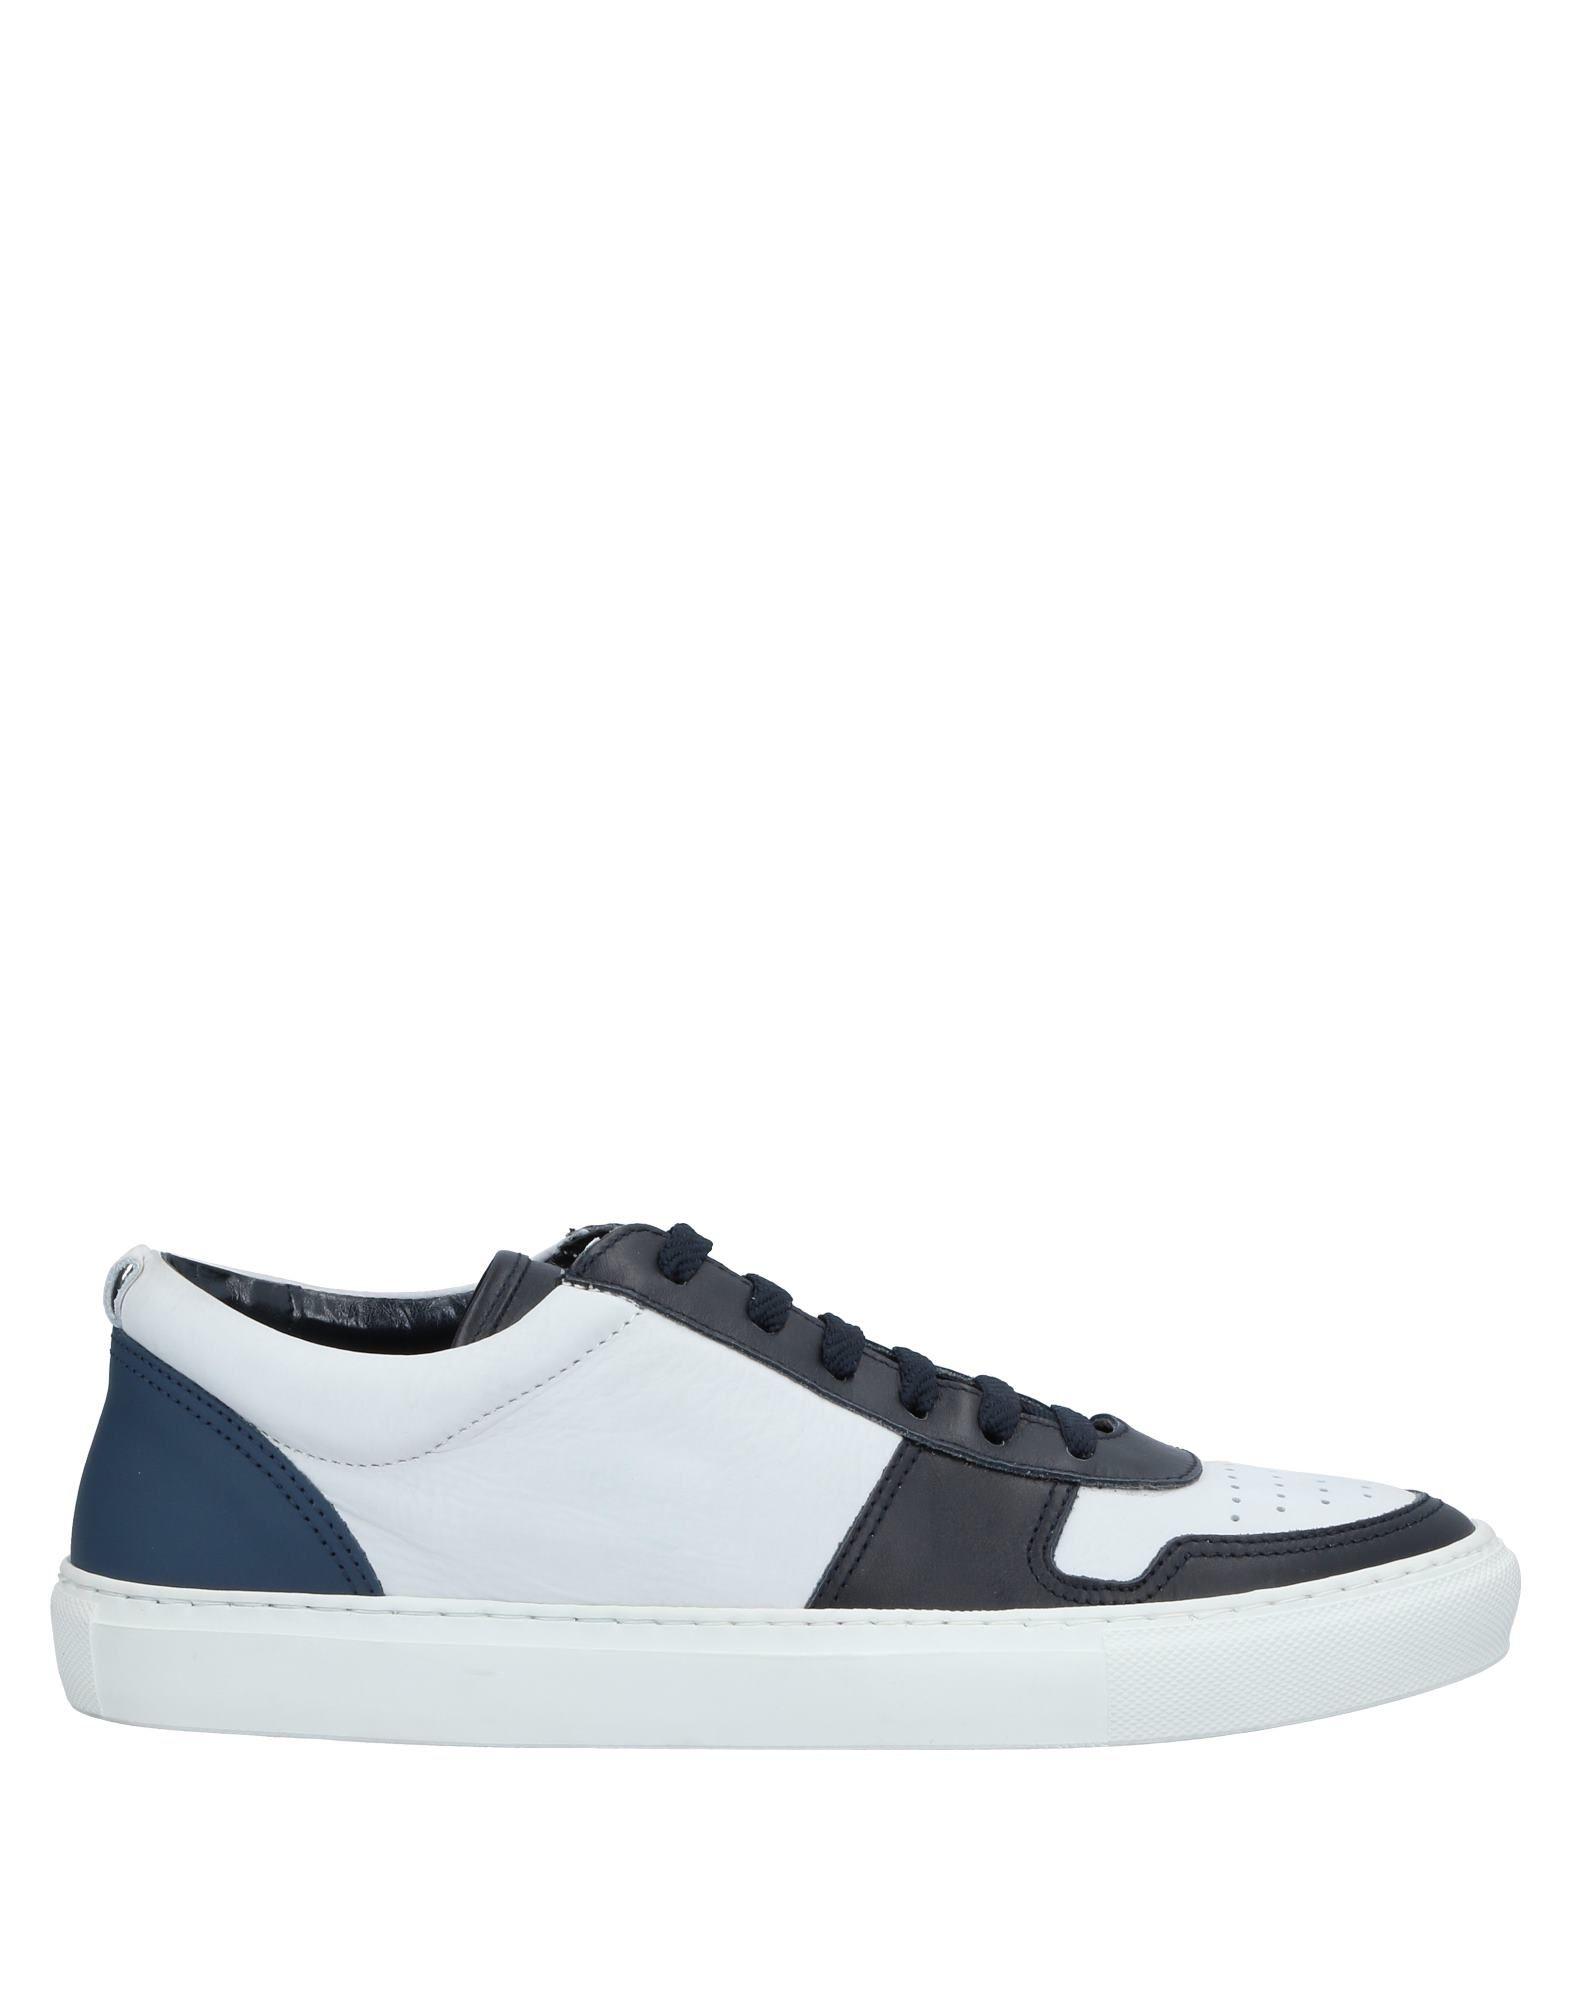 Rabatt echte Schuhe Antony Morato Sneakers Herren  11396842XH